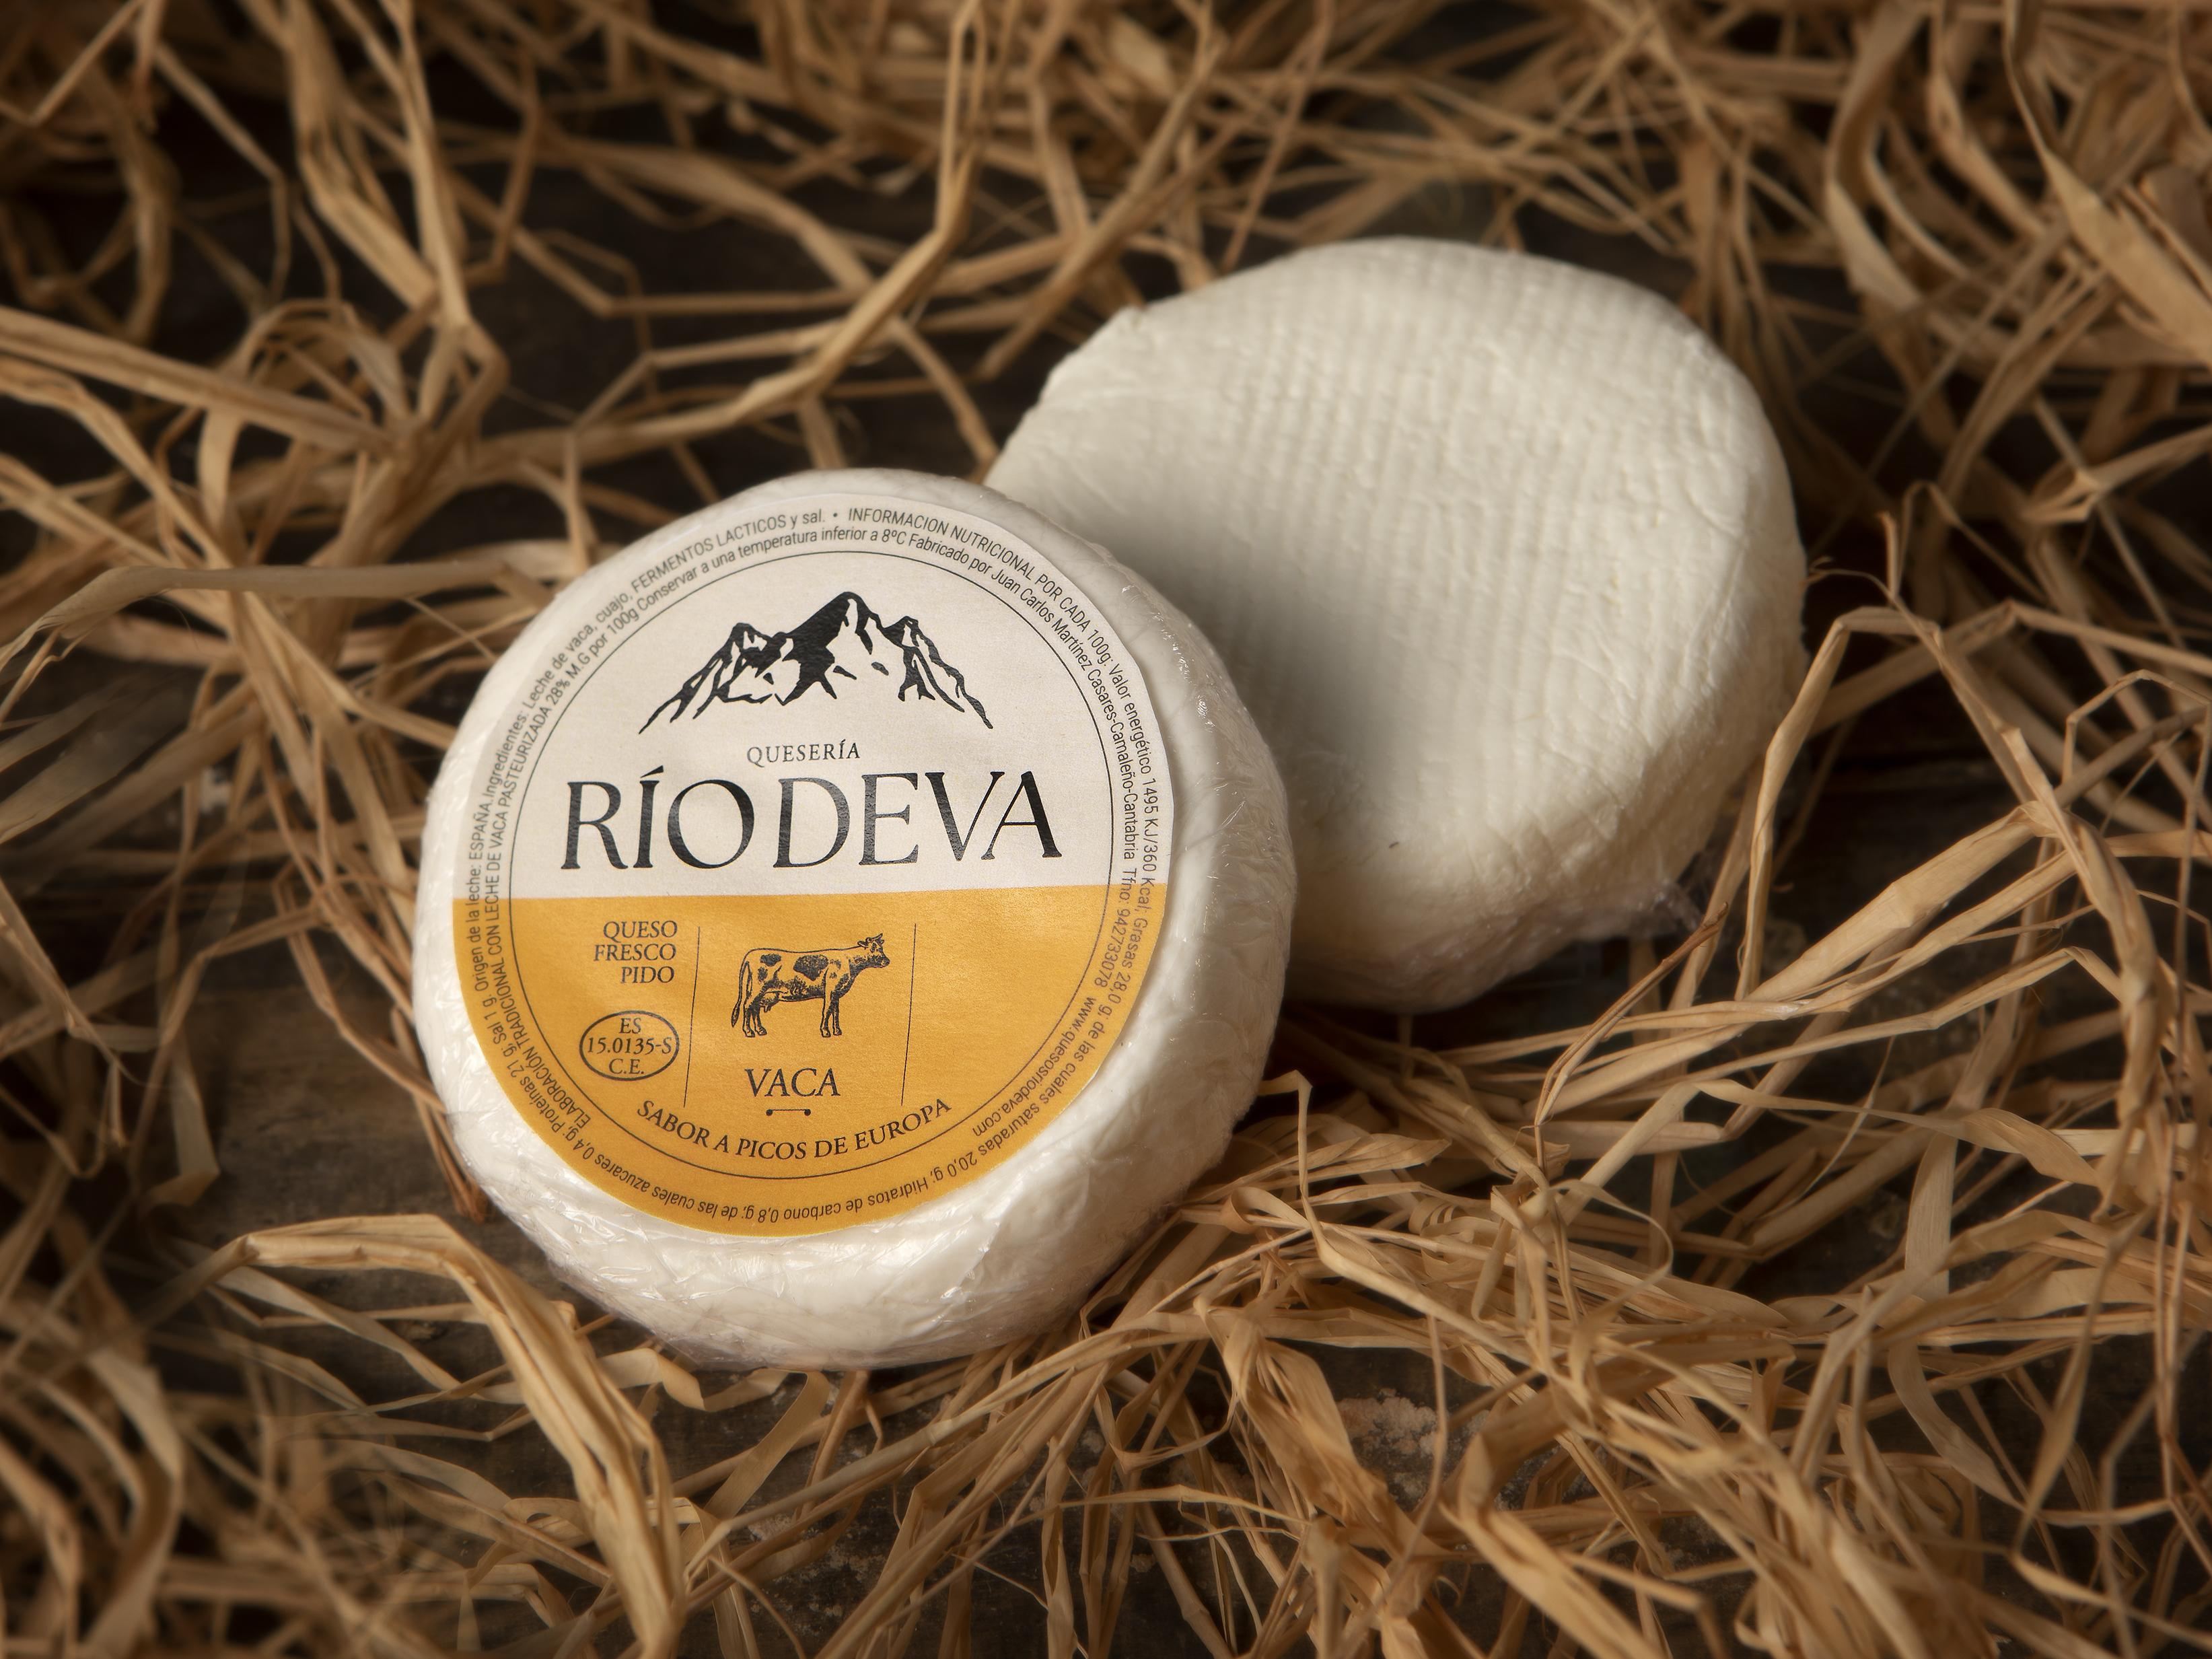 Queso fresco elaborado en la quesería Río Deva